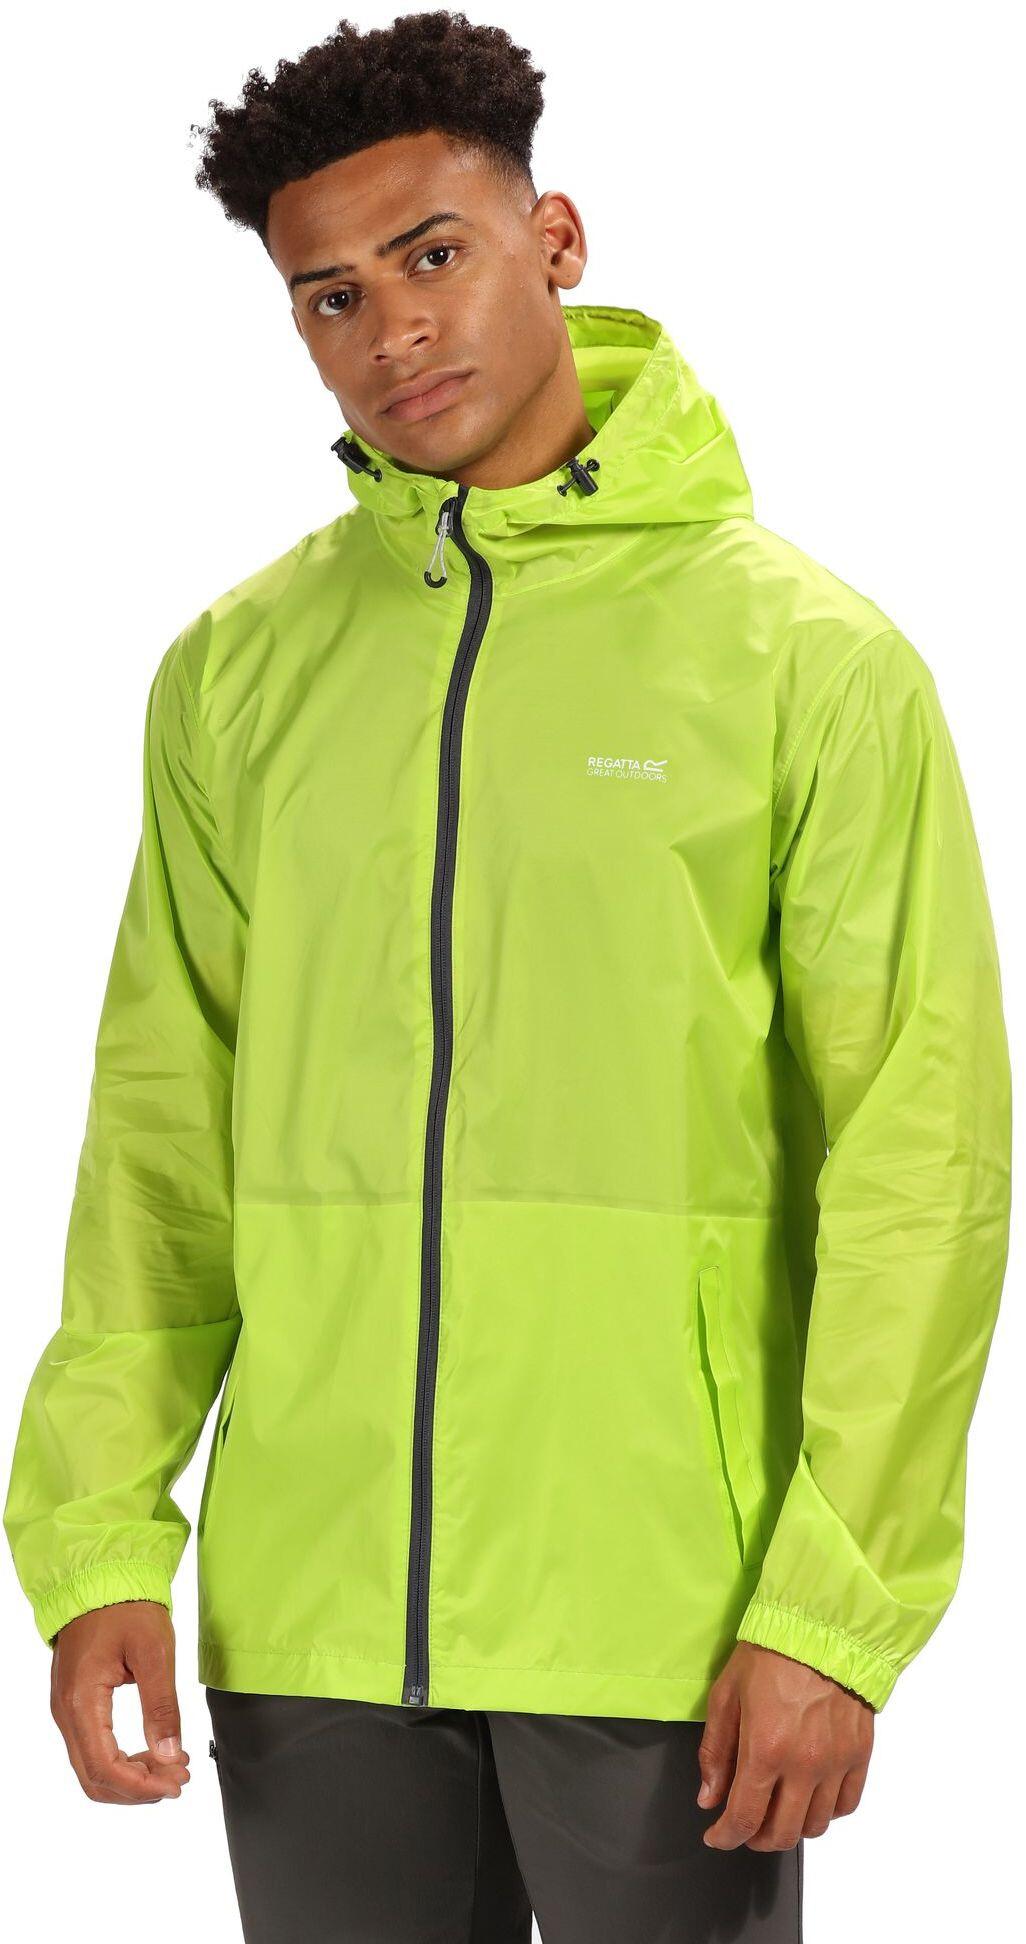 1a94e8a0 Regatta Pack It III Jakke Herrer, lime punch | Find outdoortøj, sko ...